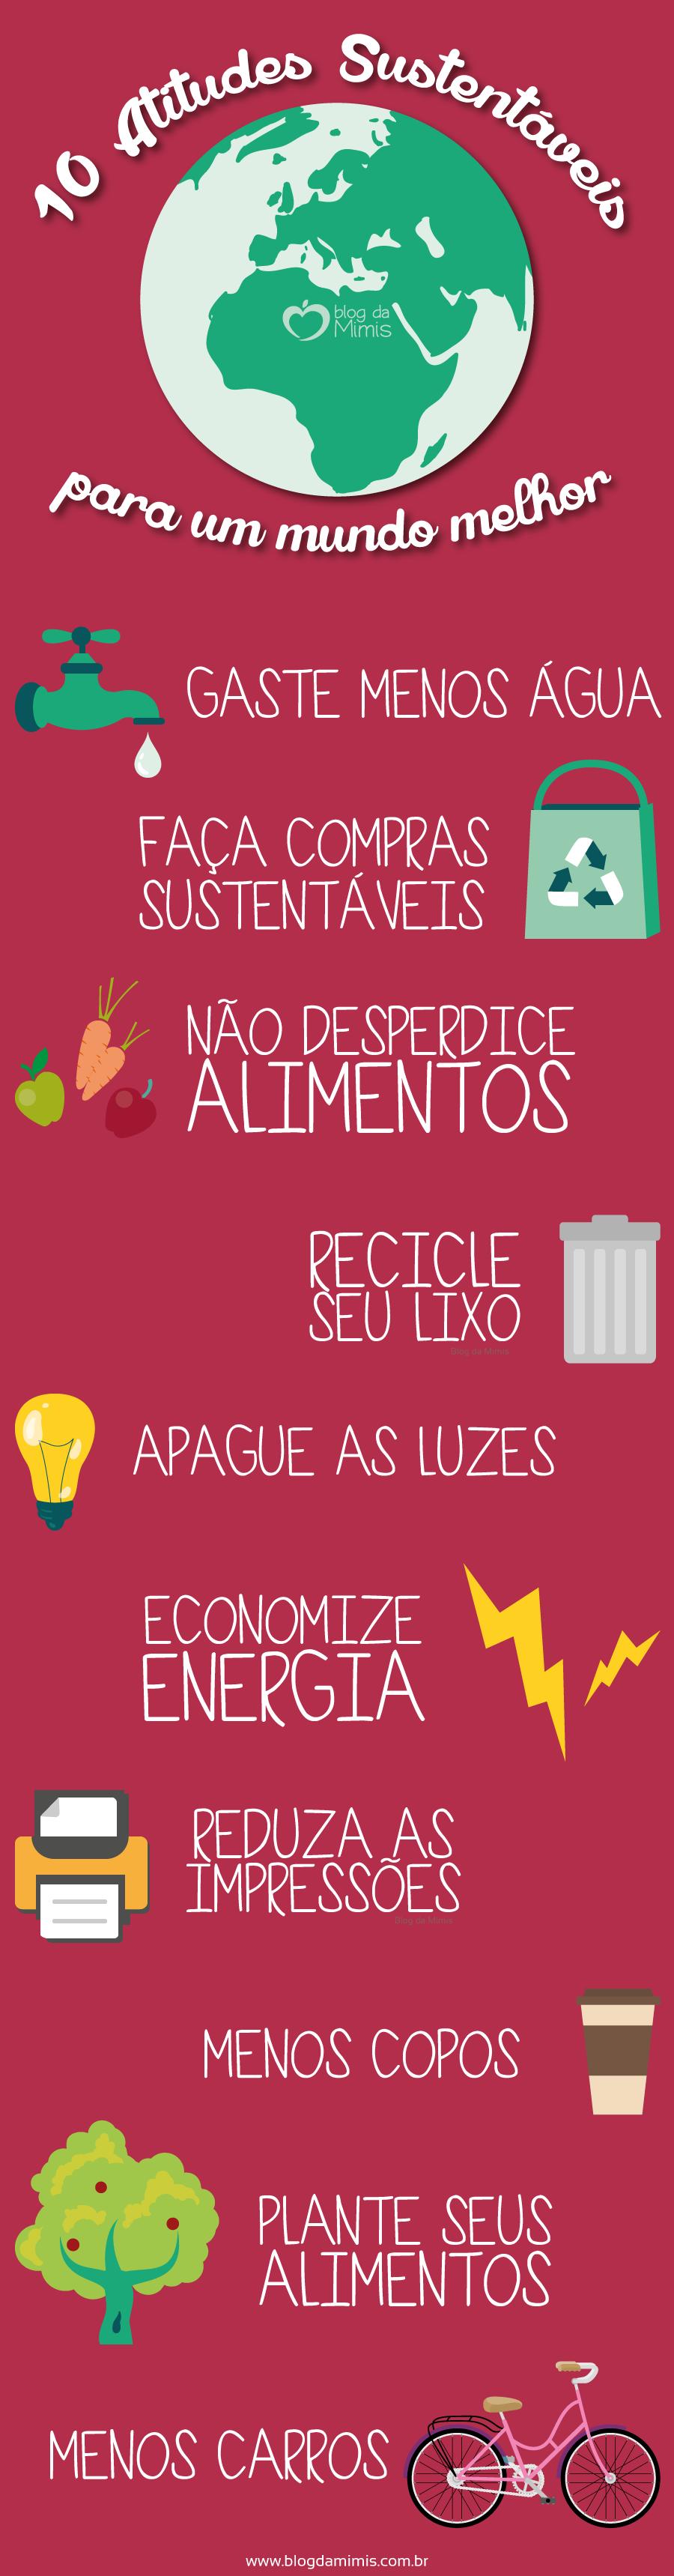 10-Atitudes-sustentáveis-para-um-mundo-melhor-blog-da-mimis-michelle-franzoni-01